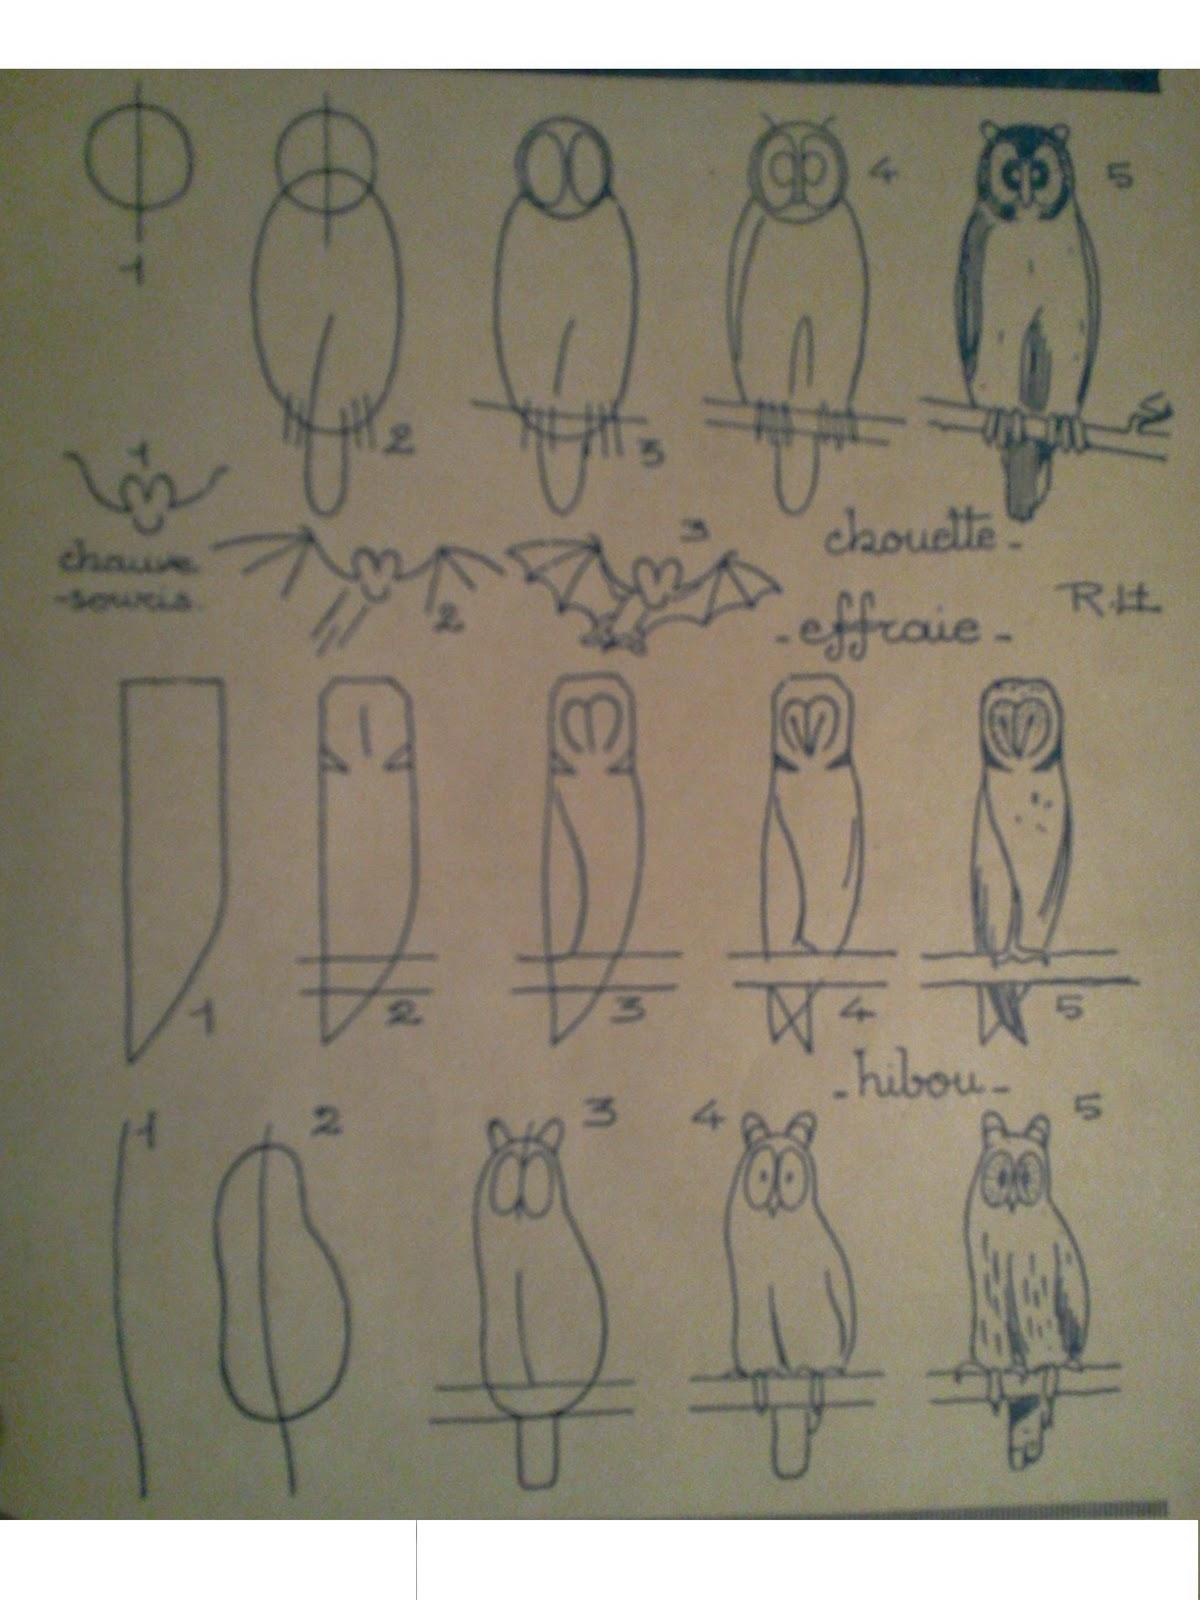 Dessins astuces pour debutants dessiner chouette hibou chauve souris - Chouette a dessiner ...